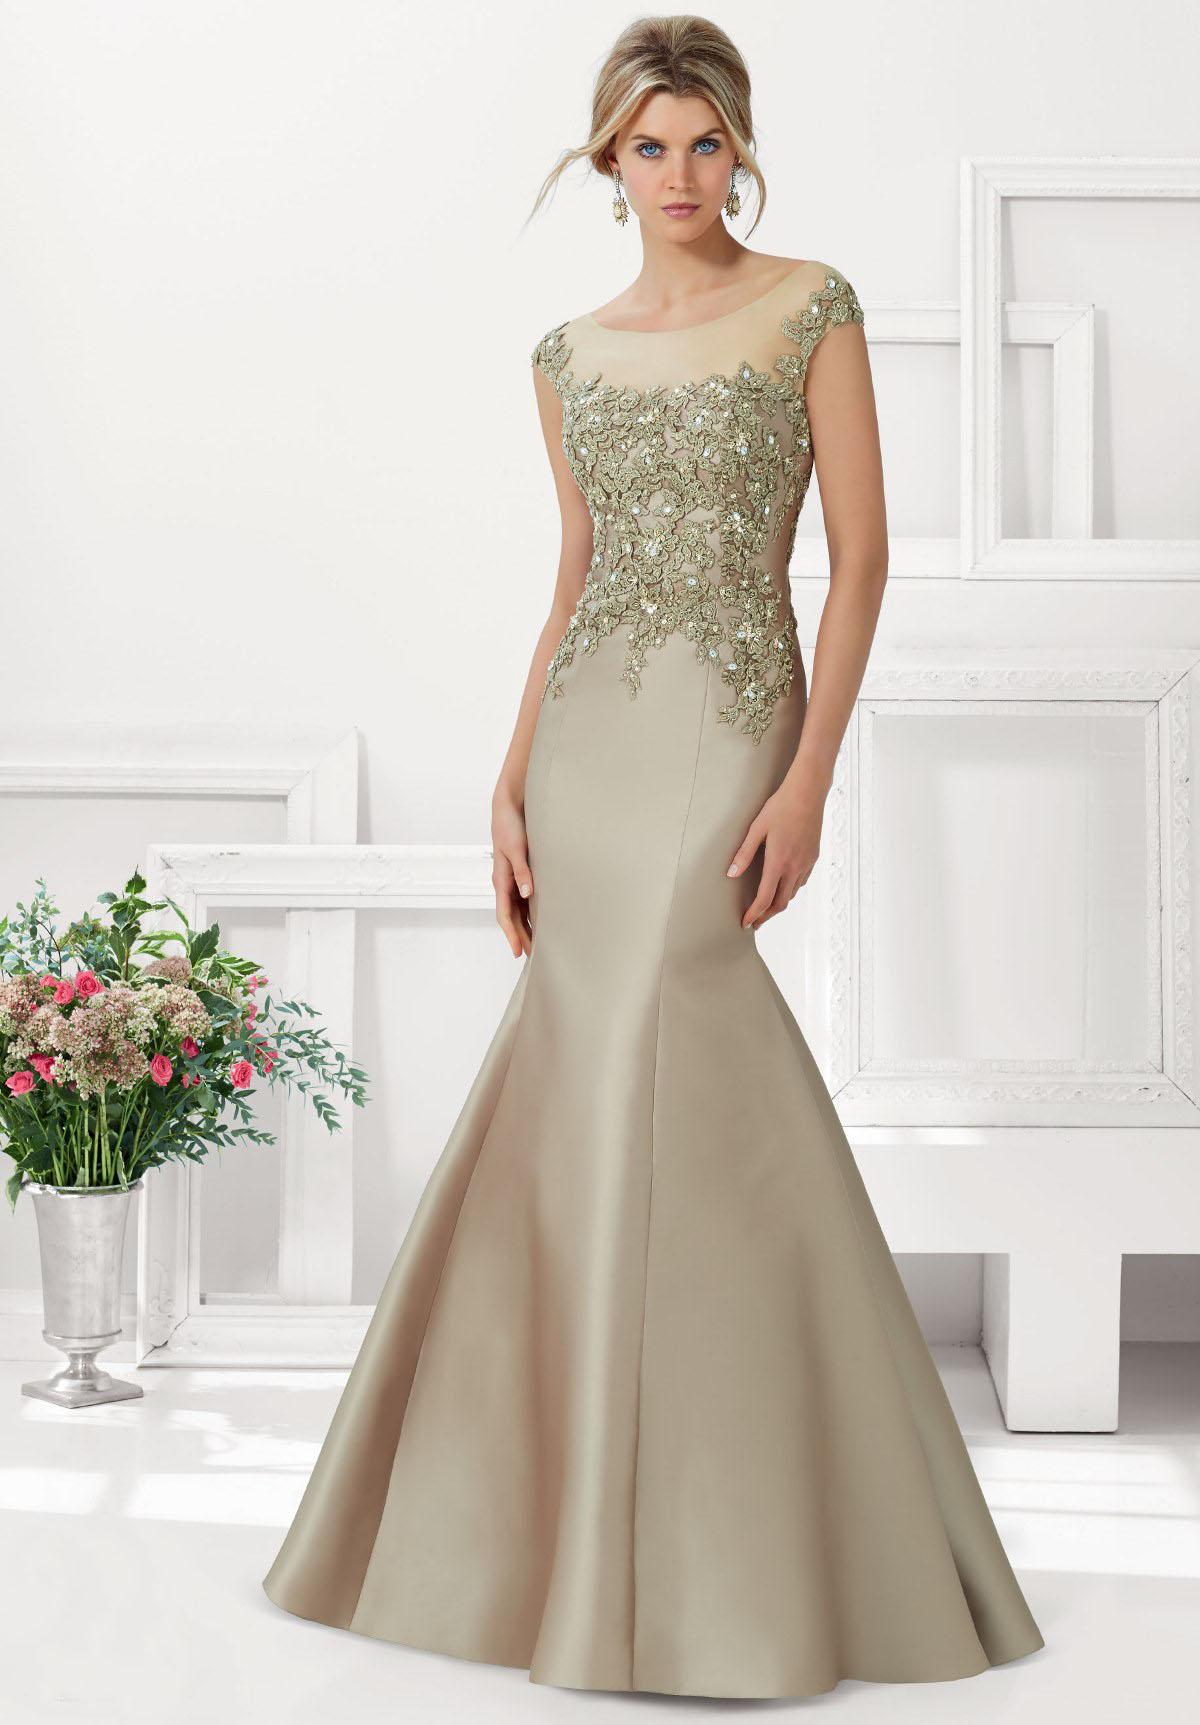 Образ для королевы: 4 шикарных платья для выхода в свет изоражения